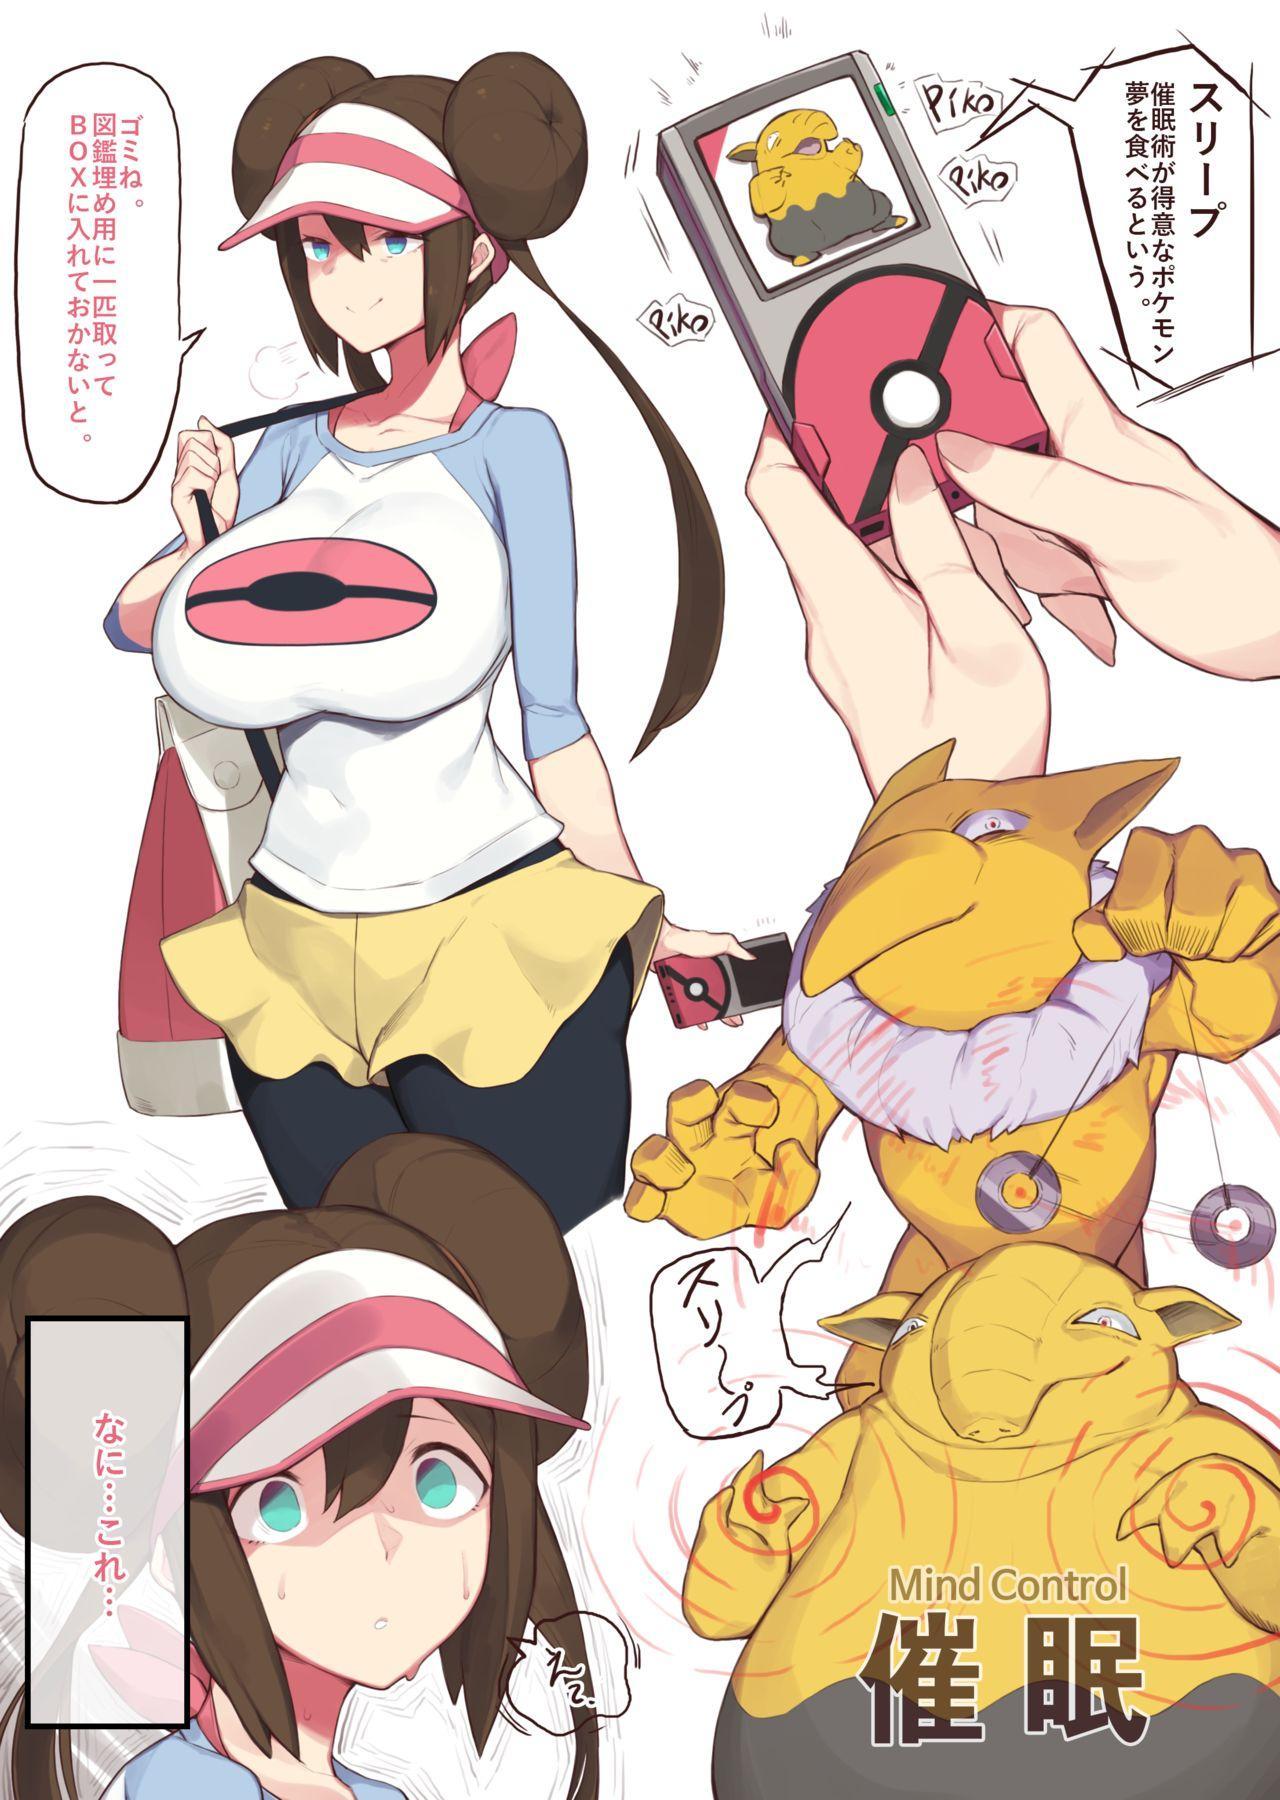 [yanje] Rosa's (Pocket Monster) Manga 1